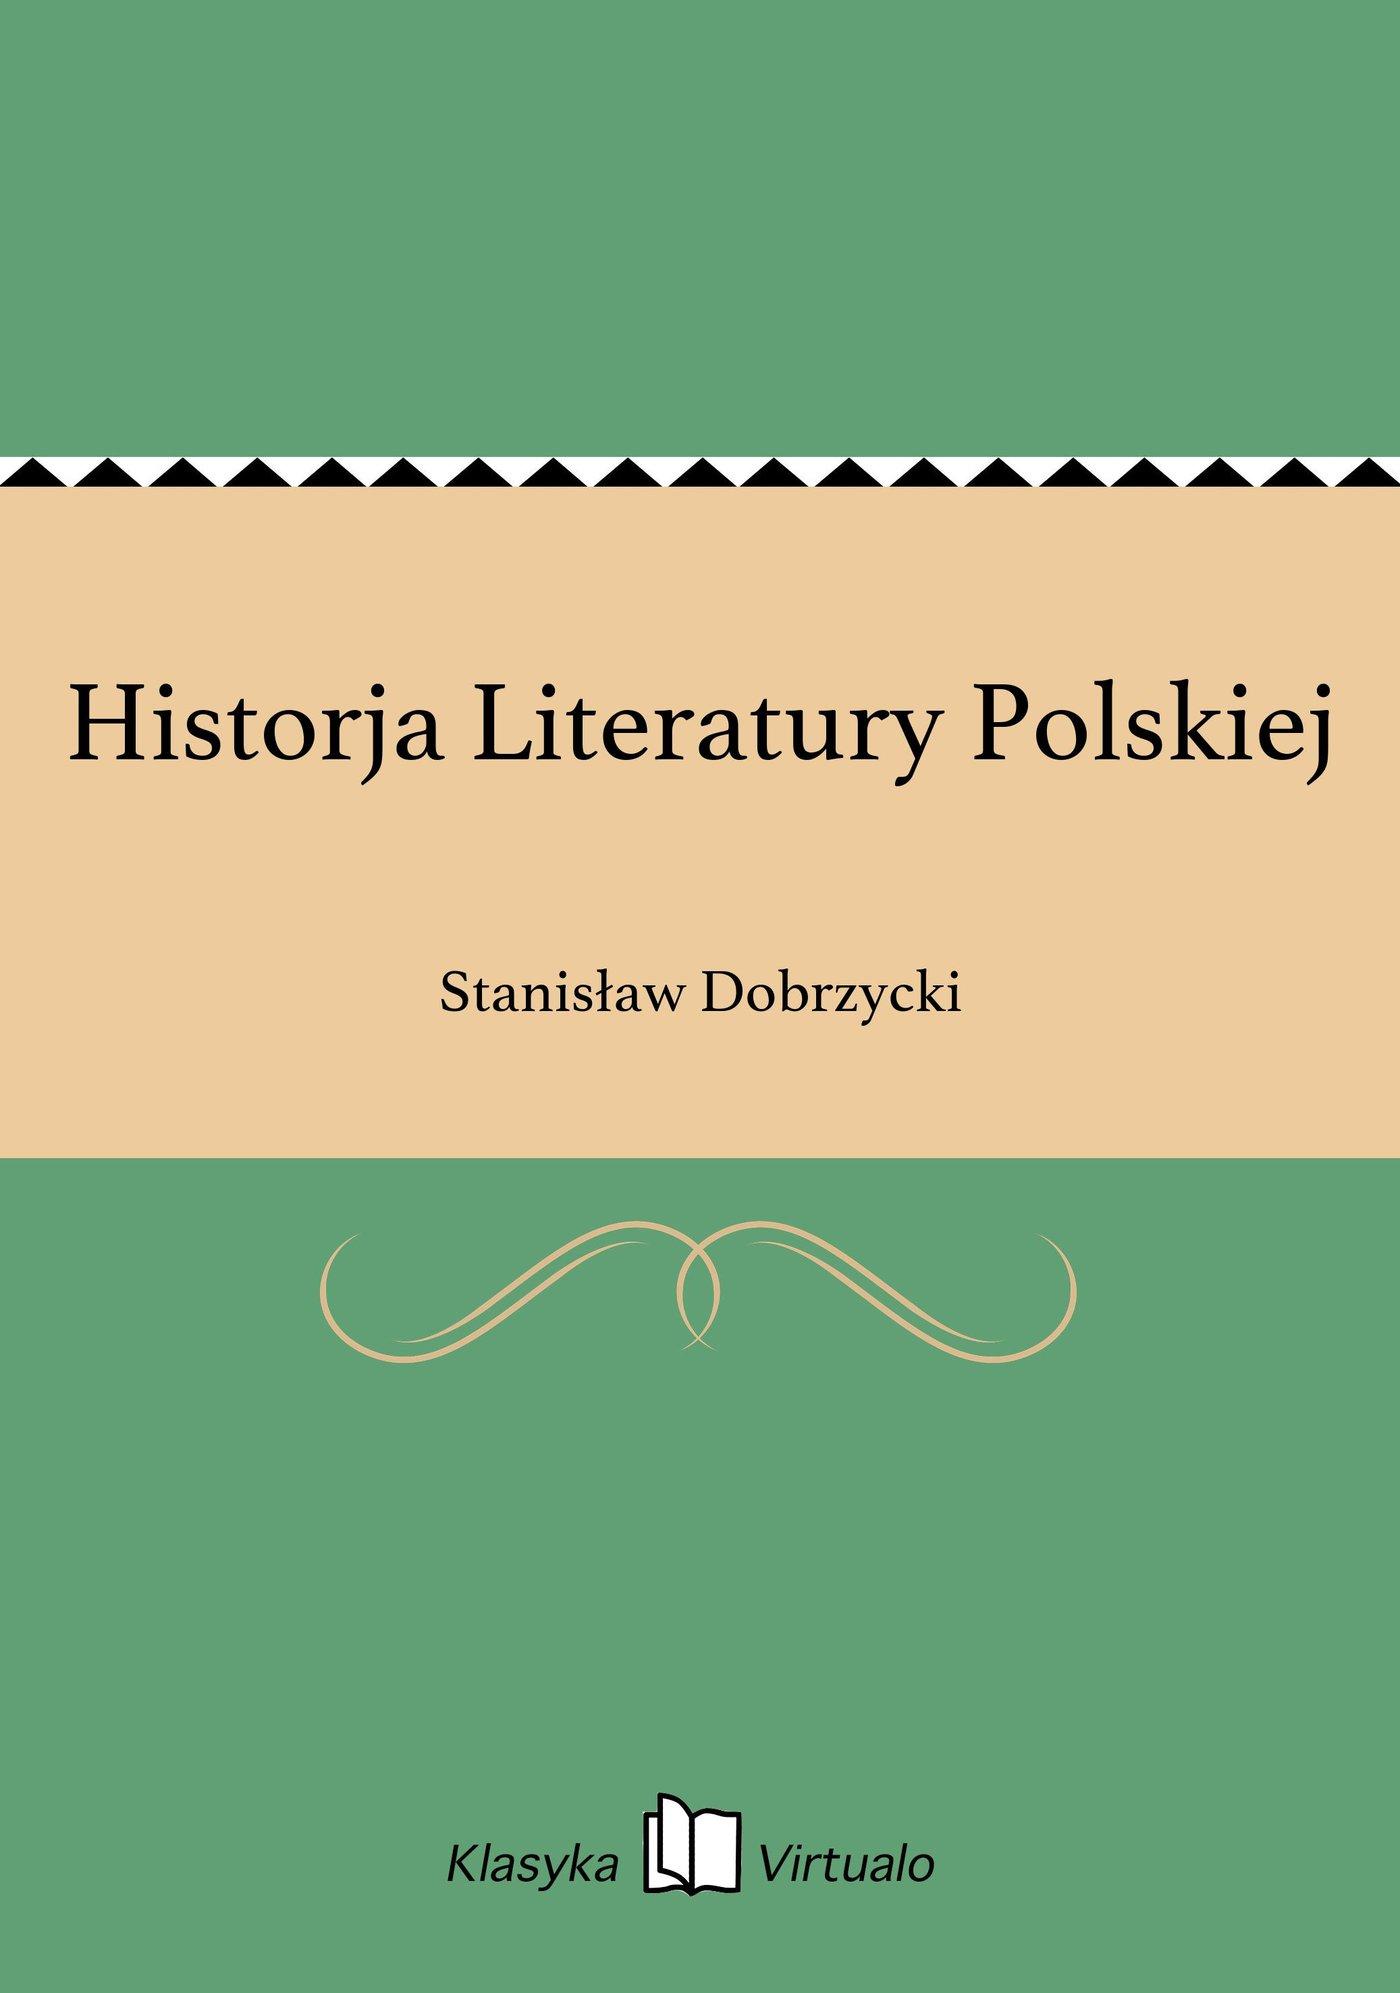 Historja Literatury Polskiej - Ebook (Książka EPUB) do pobrania w formacie EPUB